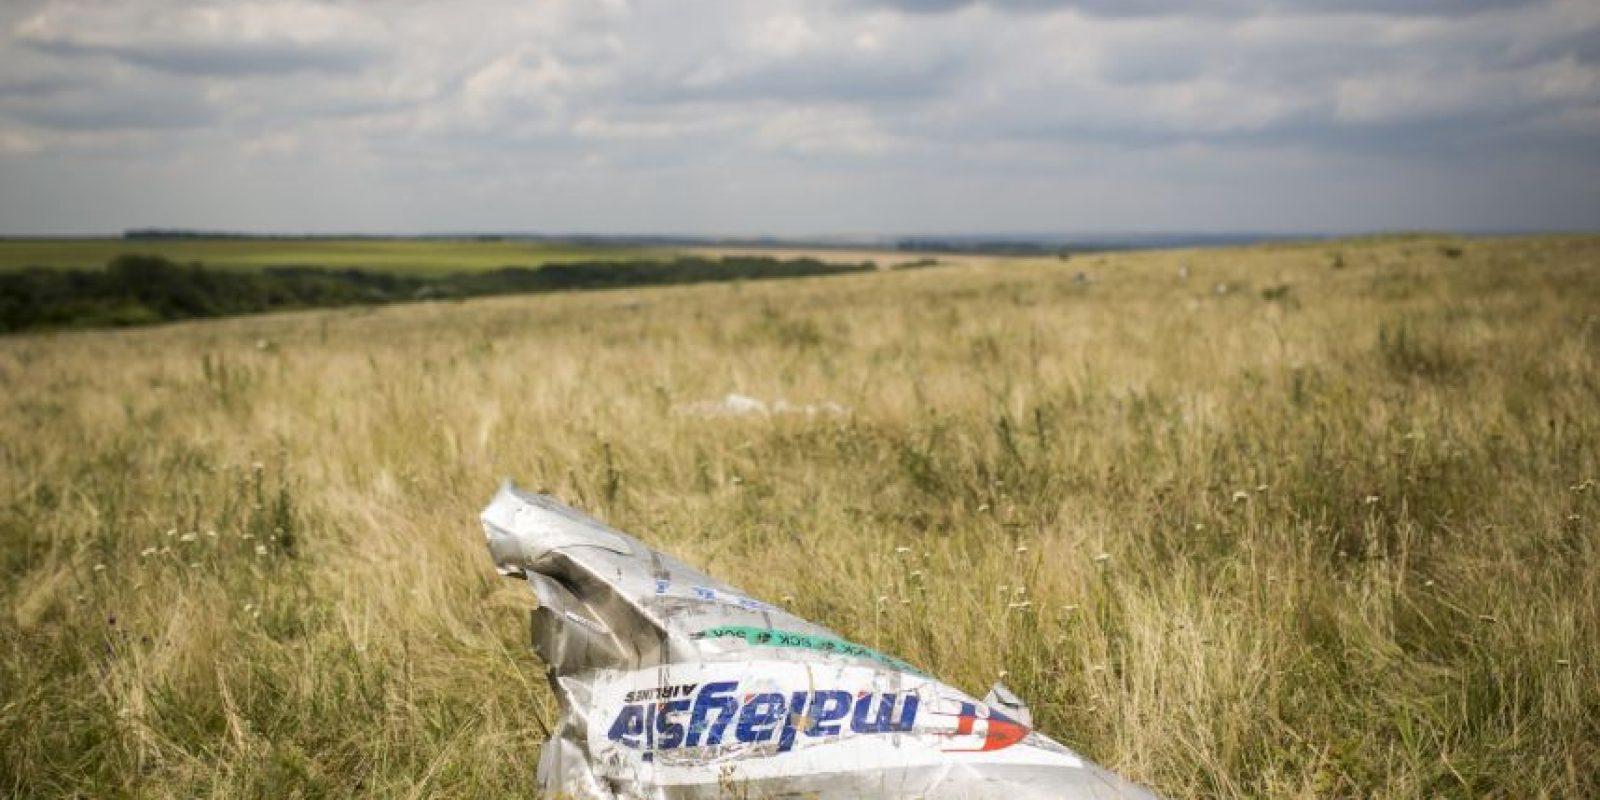 La desaparición del vuelo MH370 y el ataque al vuelo MH17 fueron las dos tragedias más grandes de la aviación en el año Foto:Getty Images